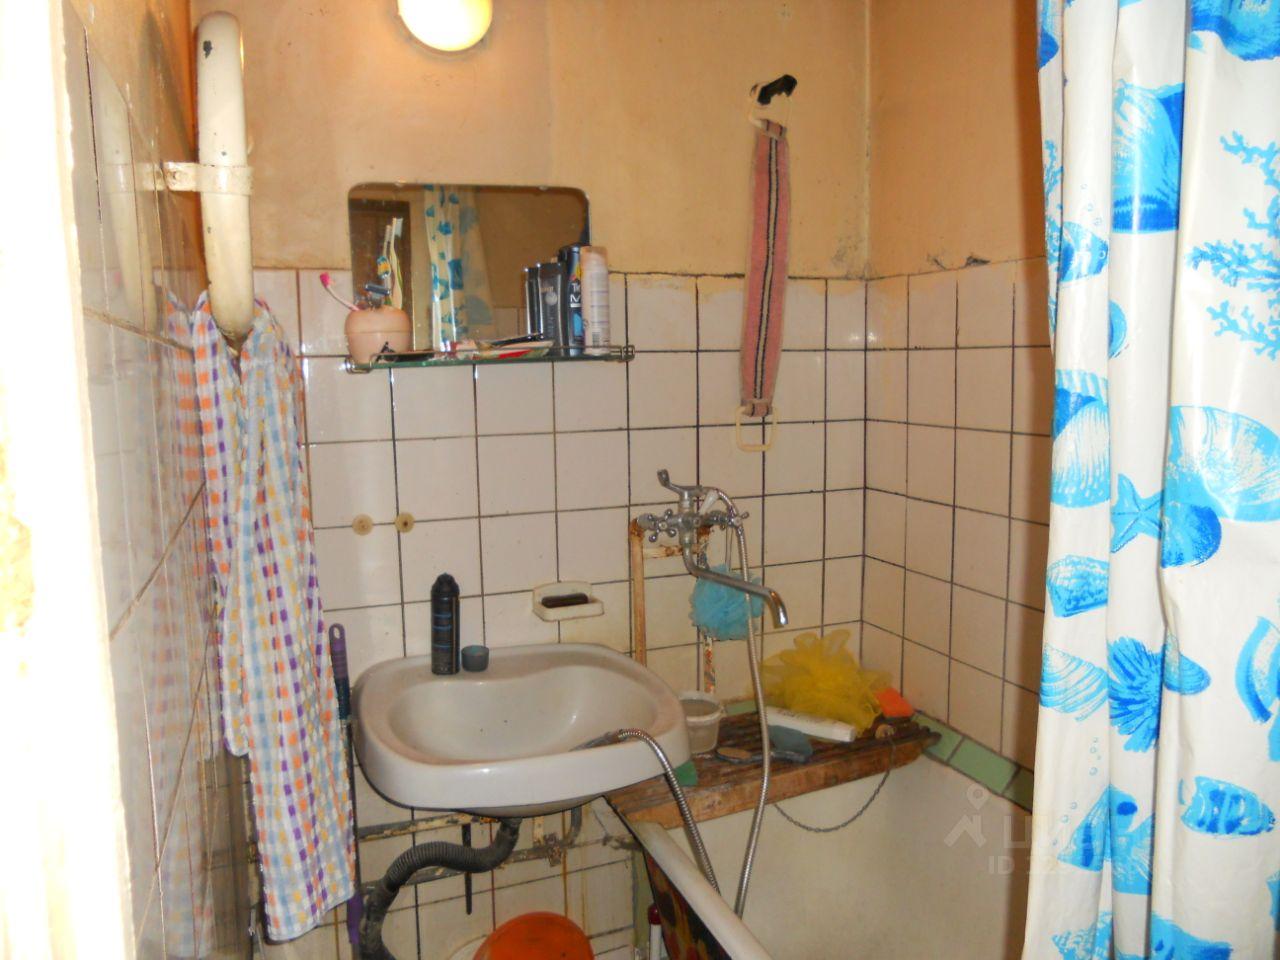 производители, зарекомендовавшие сниму комнату в городе якутске Размер 44-46